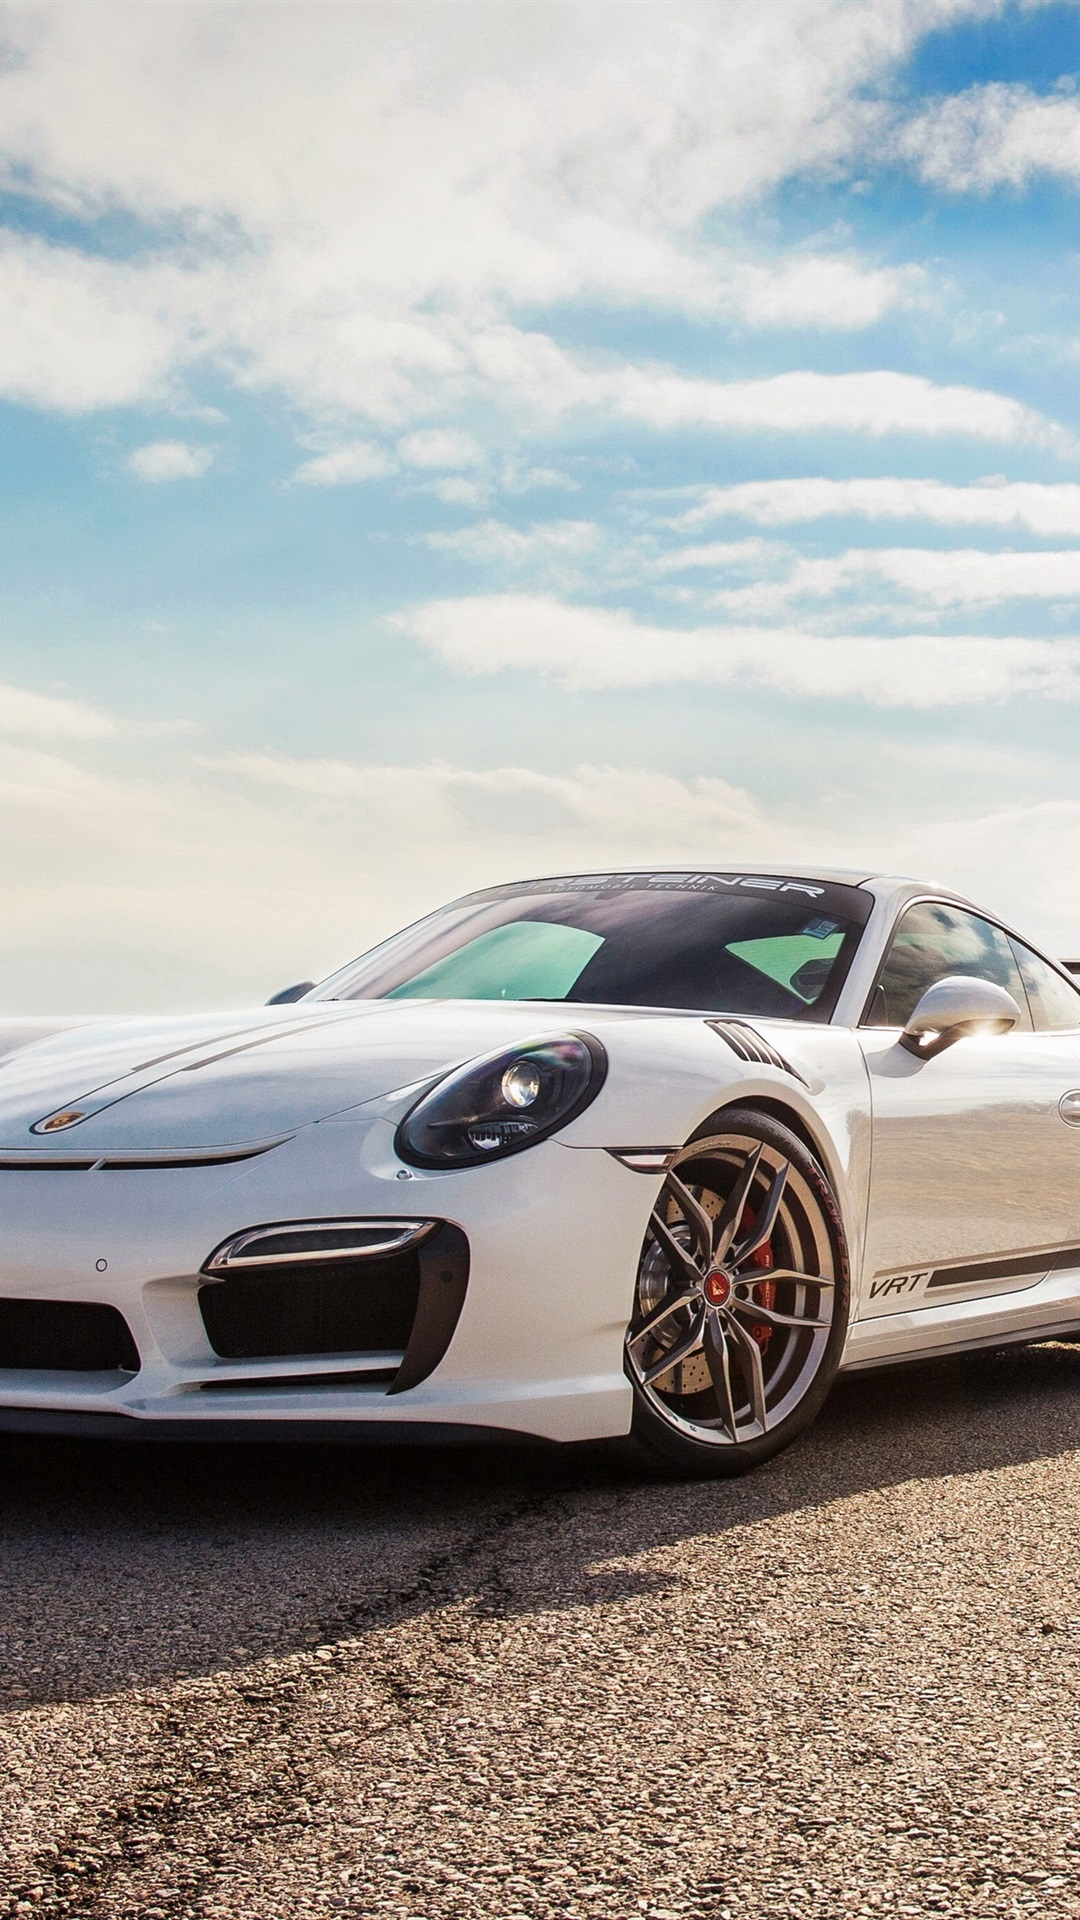 Porsche 911 Turbo V Rt White Supercar 1080x1920 Iphone 8 7 6